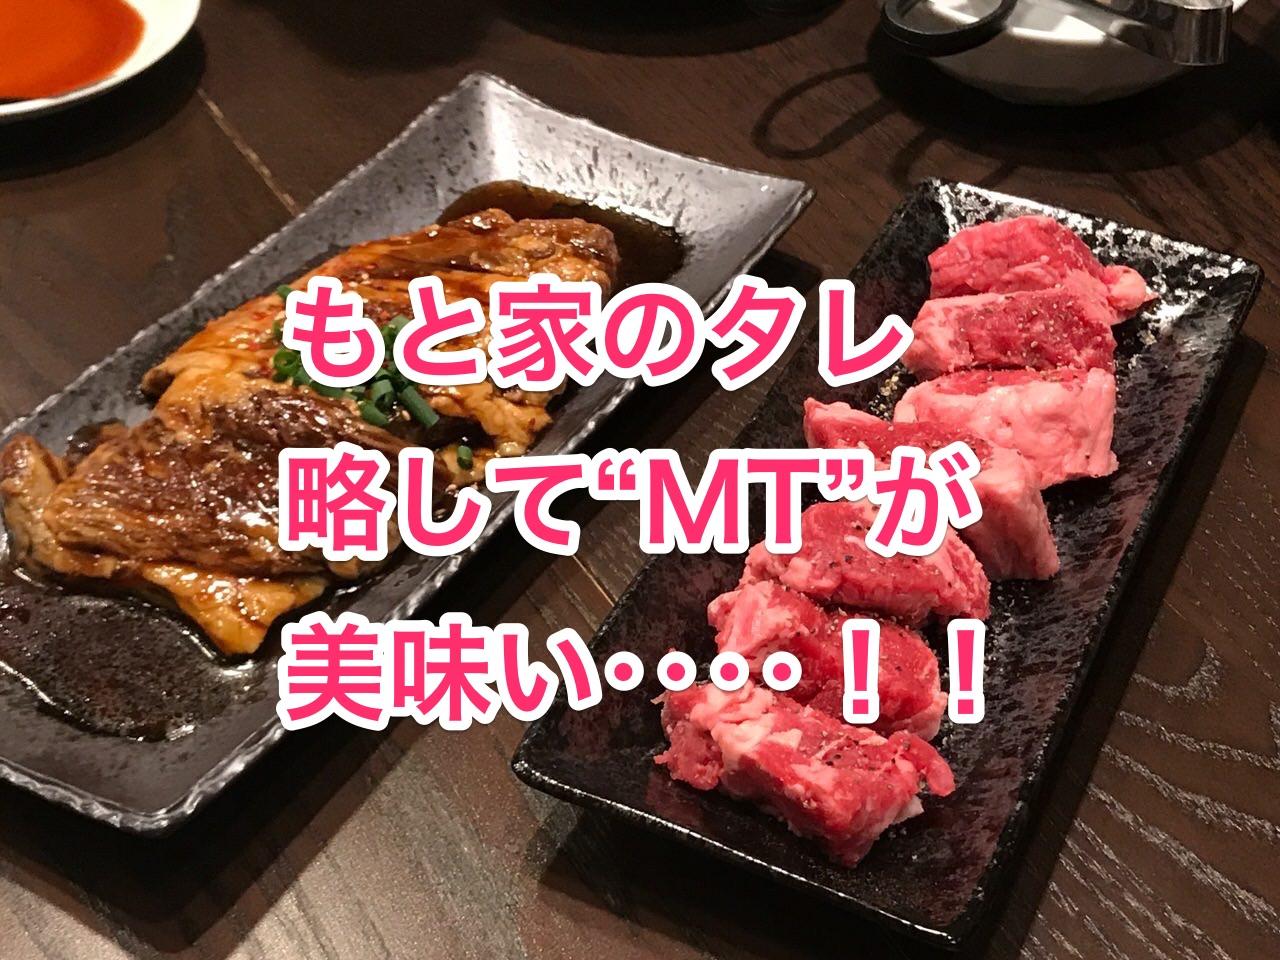 """「もと家」オリジナルタレMTで食べる牛タン・ハラミ焼きが""""くぅぅ""""と旨くて唸る!"""